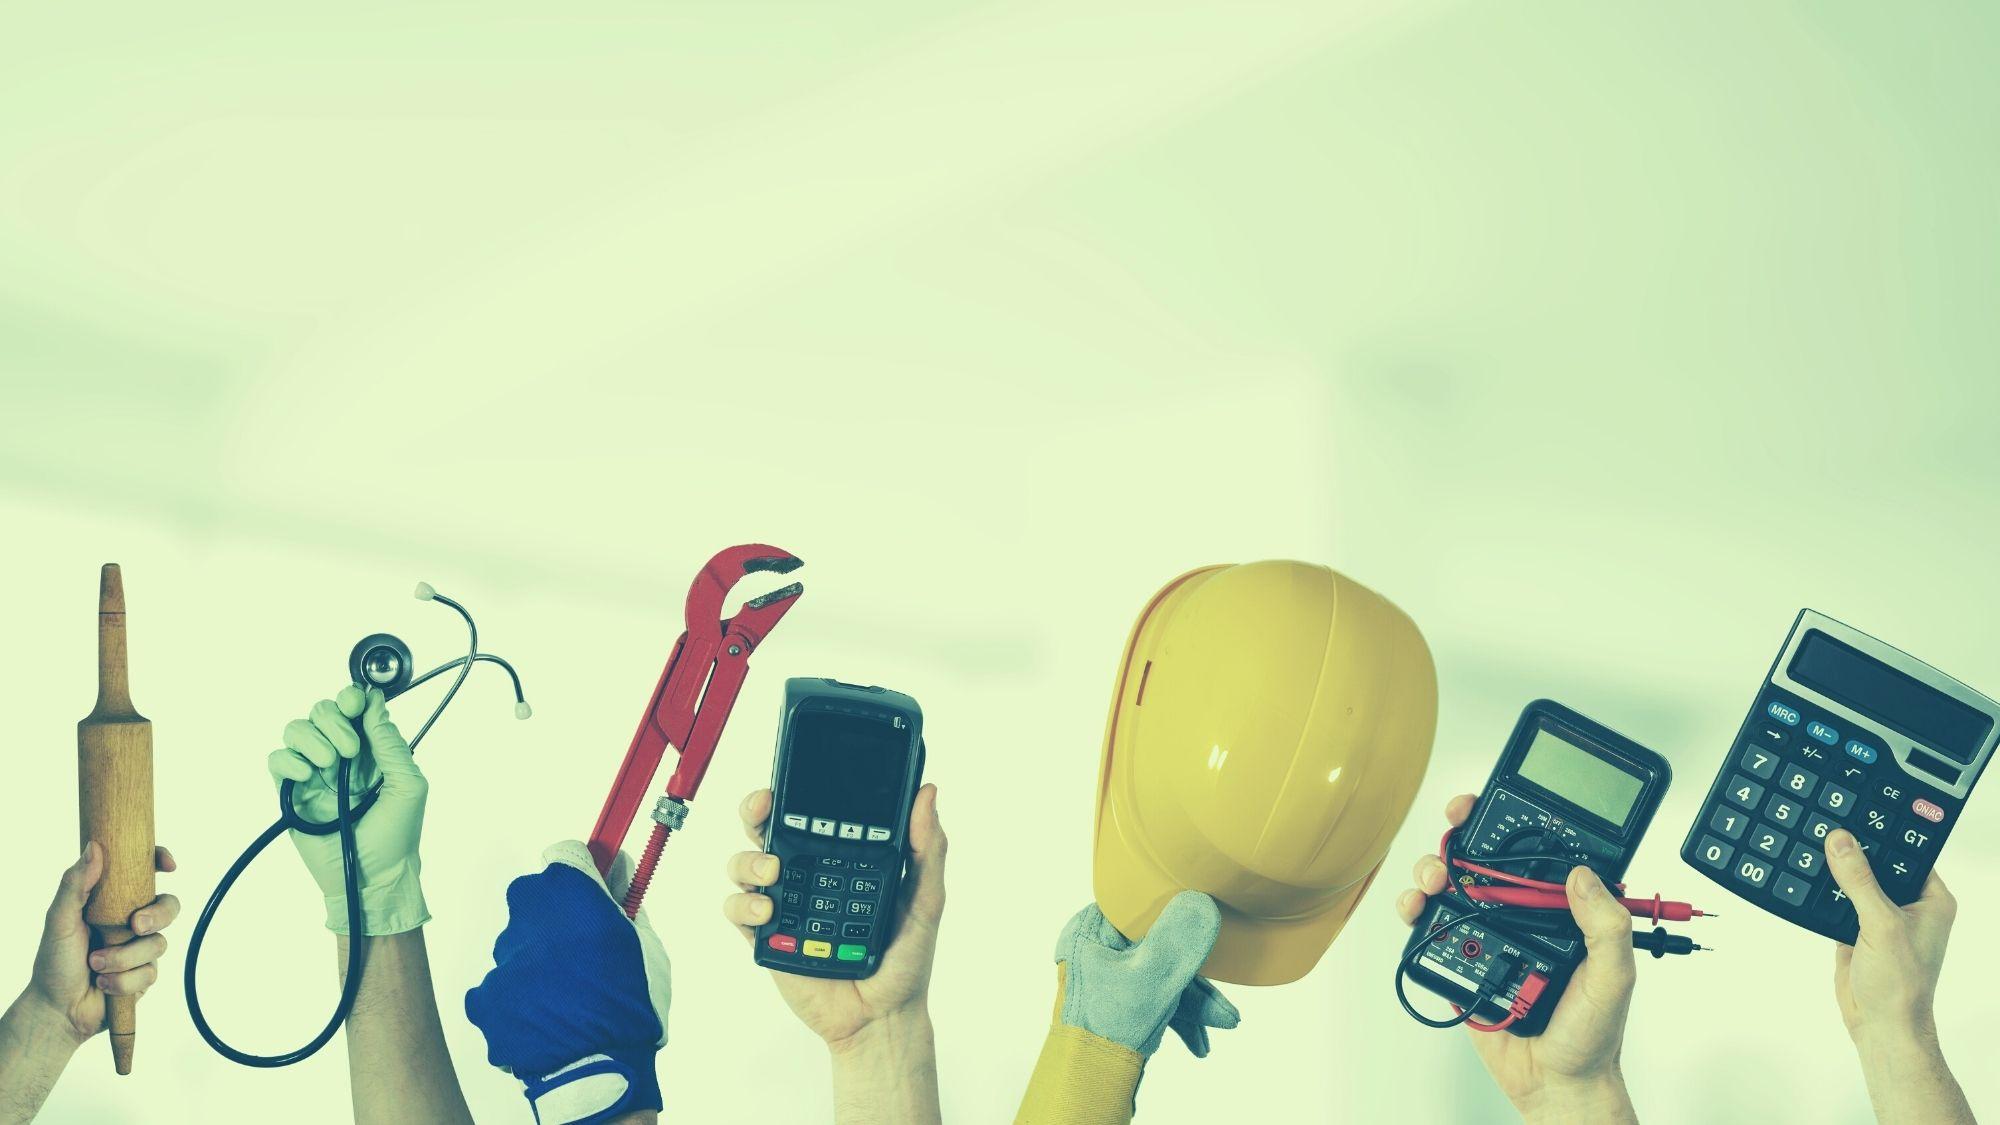 ביטוח חבות מעבידים גם לעובדי קבלן וחברת ניהול